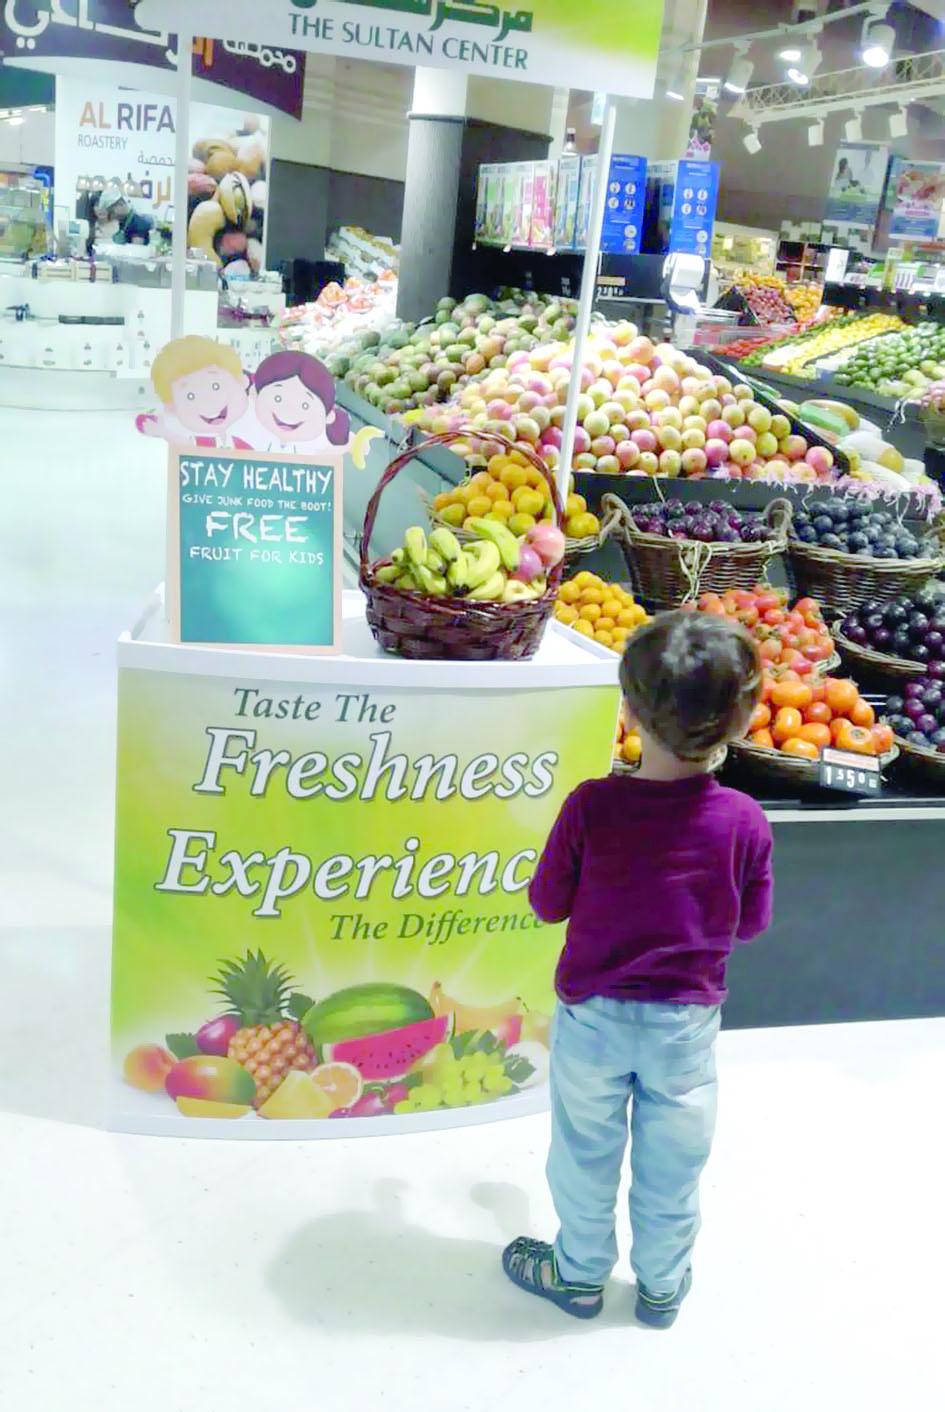 مركز سلطان يقدّم الفواكه المجانية للمتسوّقين الصغار